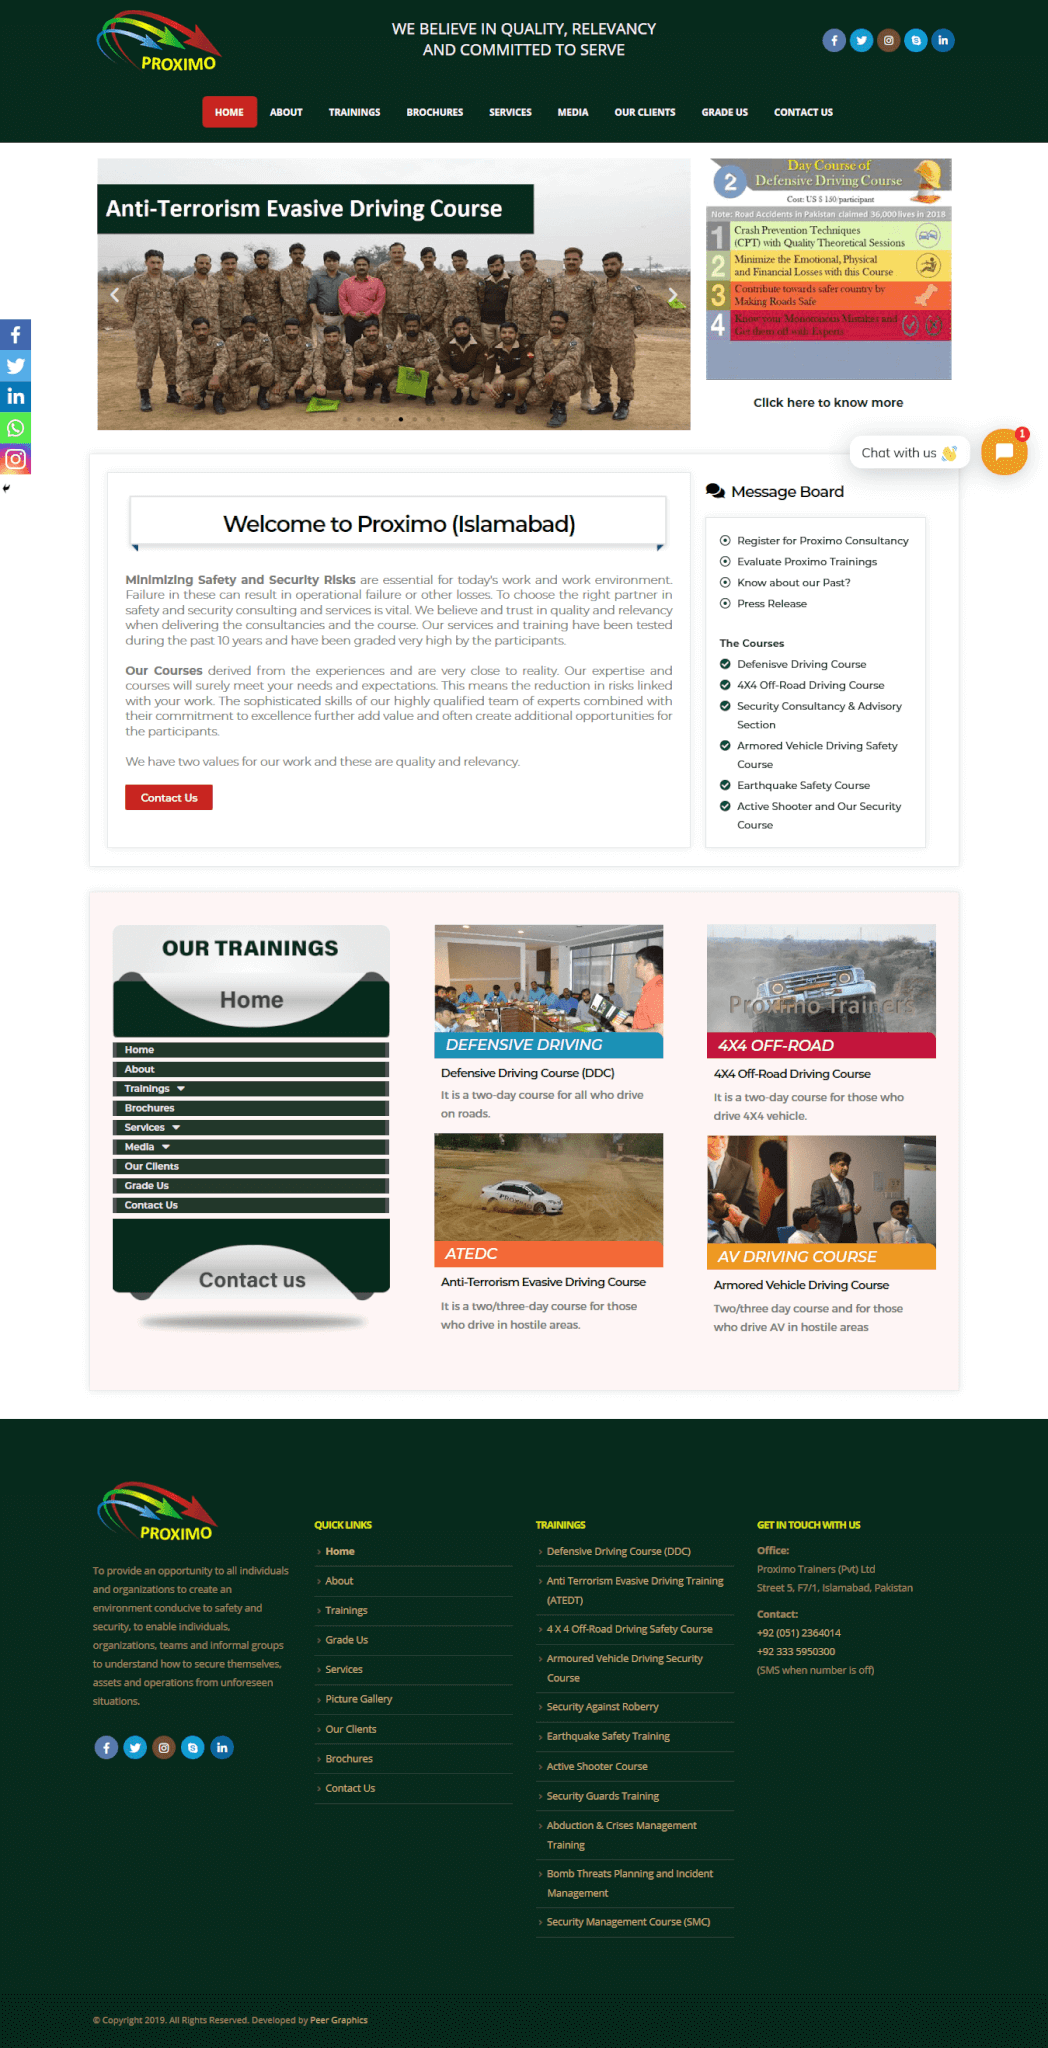 proximo.com.pk